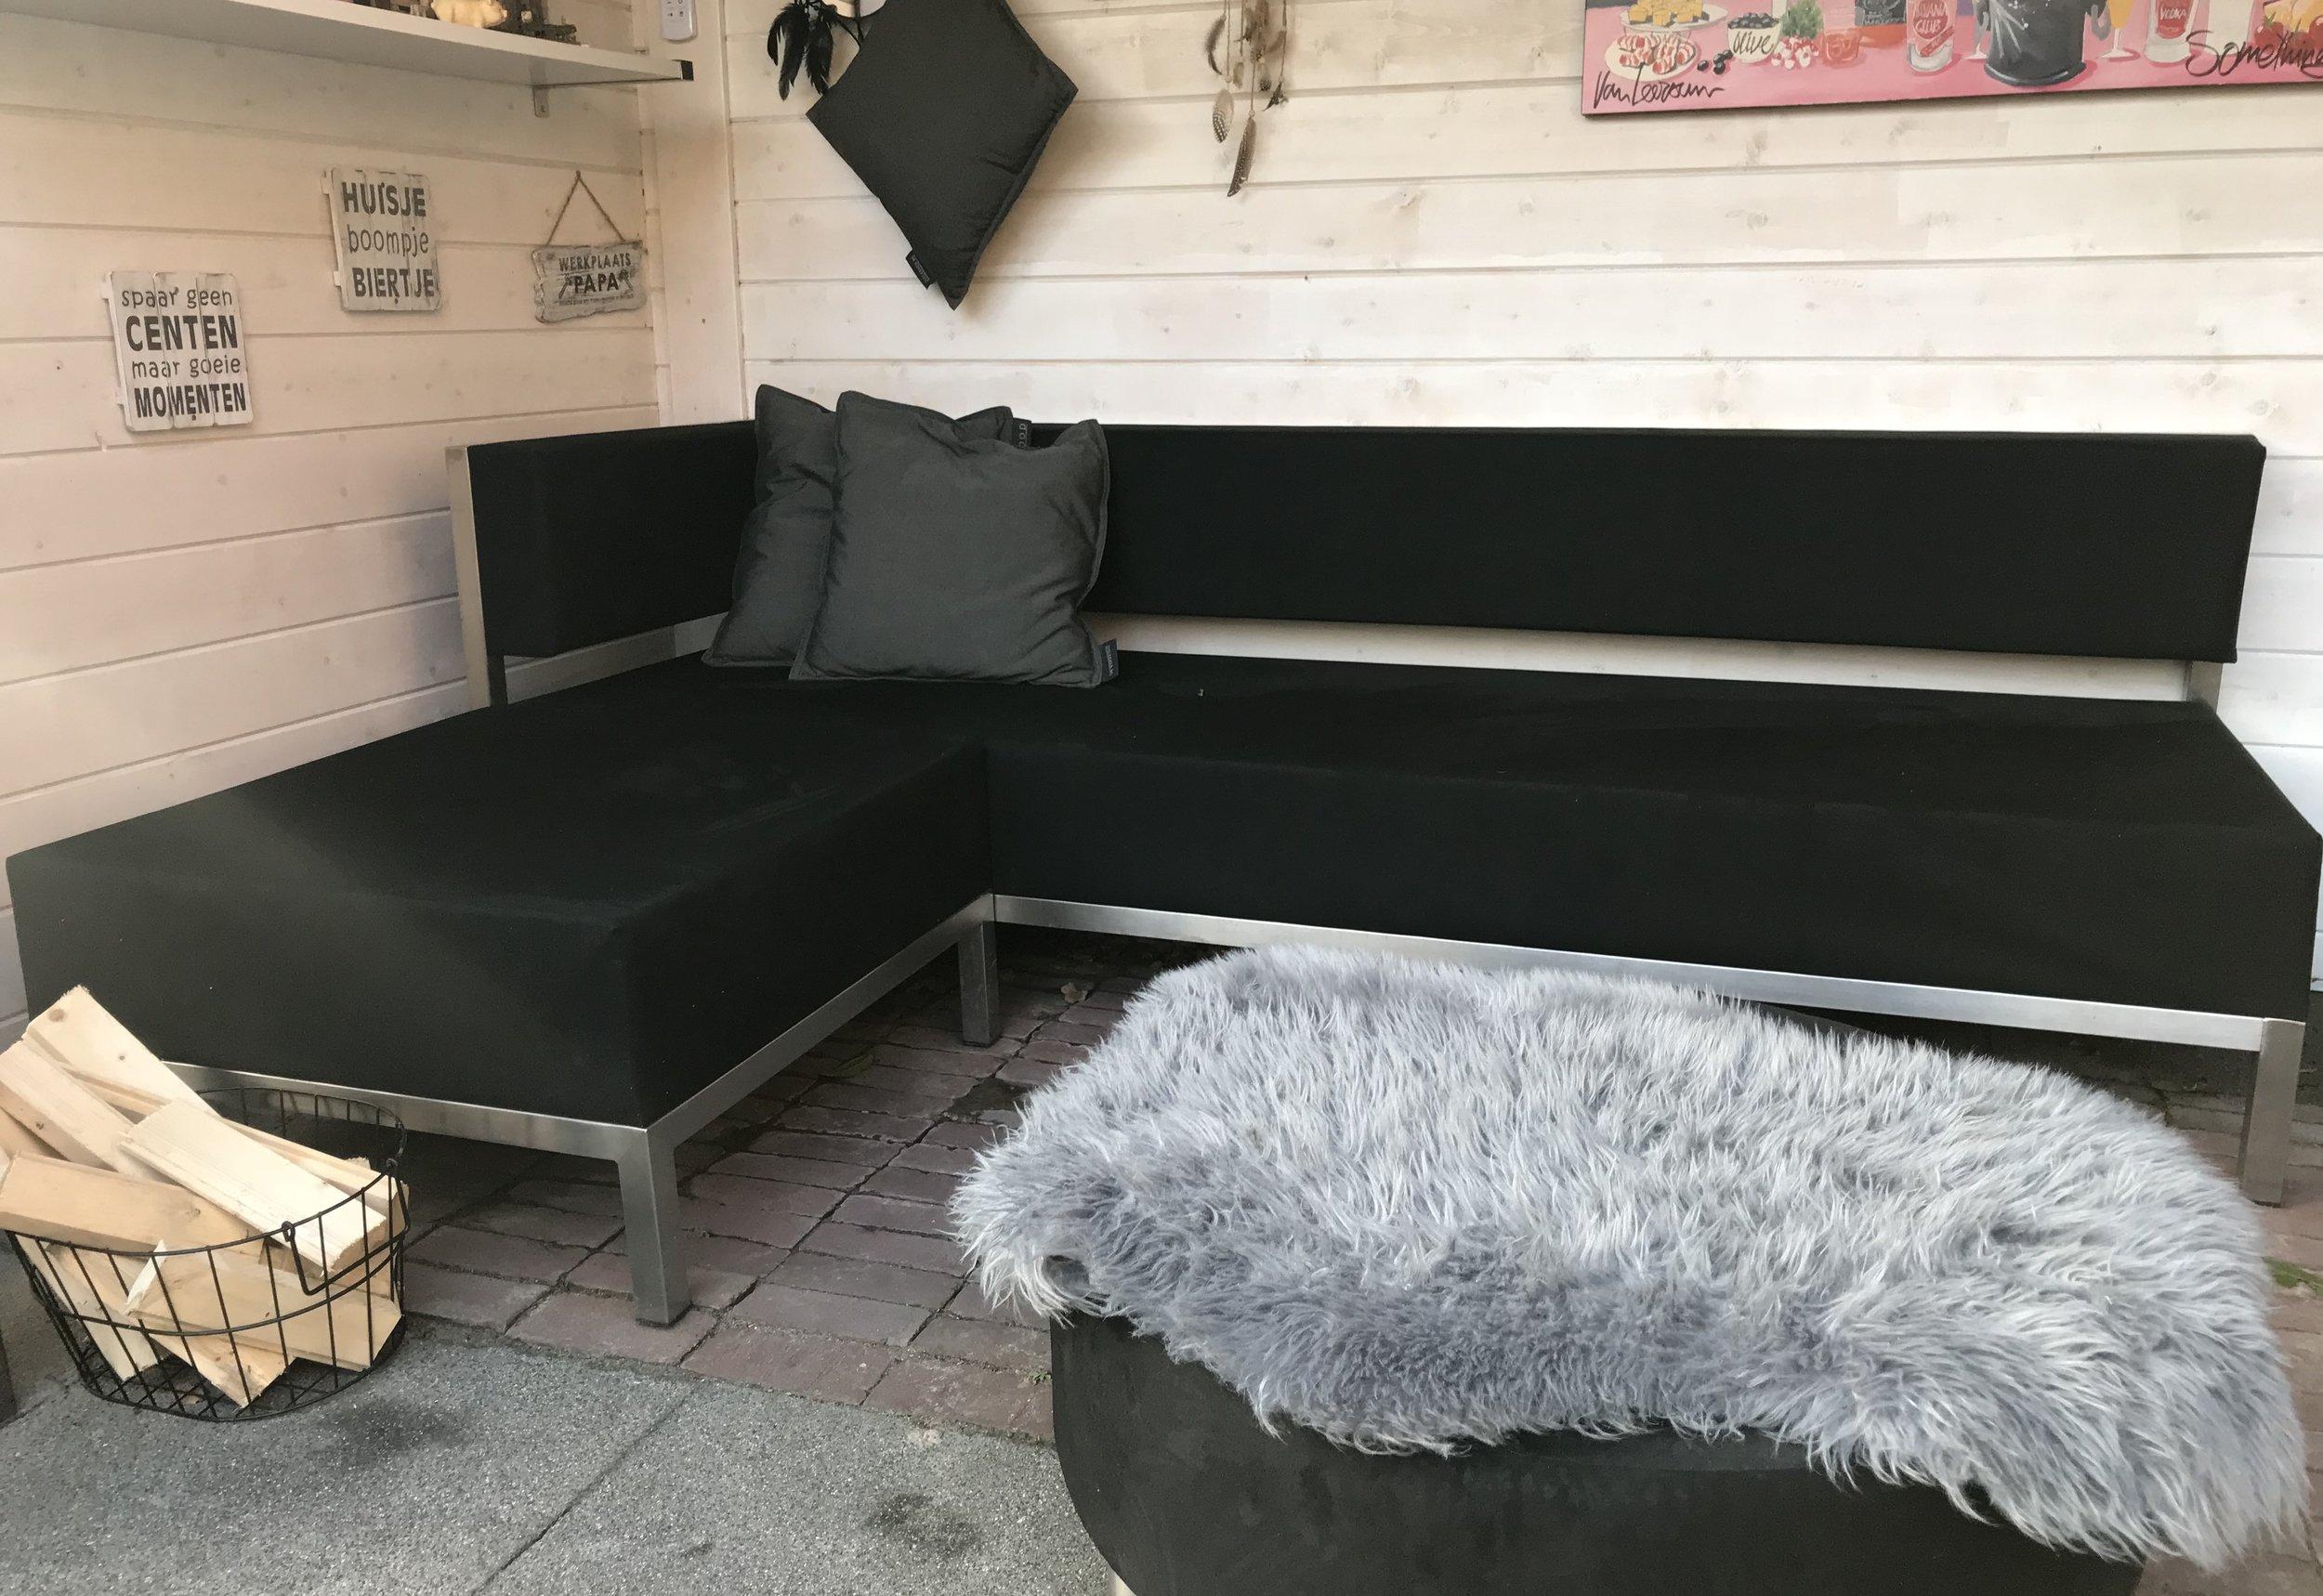 OUTLET - Shelter Bank 1 arml.+ hocker Normaal 5050,- NU showroom model combi 1995,- Showroom set, zelf te reinigen (foto is voorbeeld)